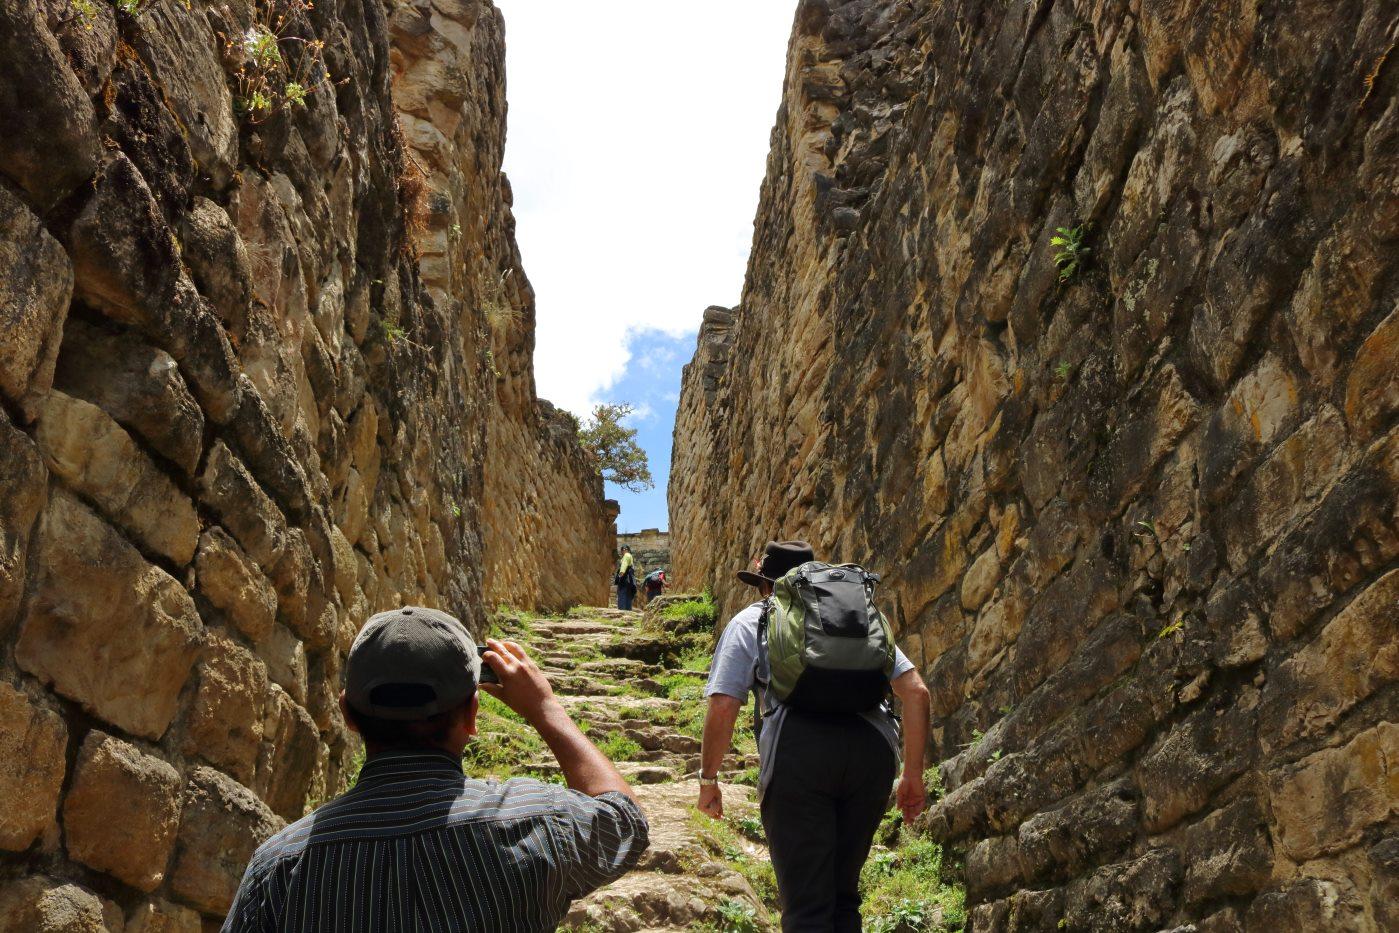 Northern Peru: Kuelap